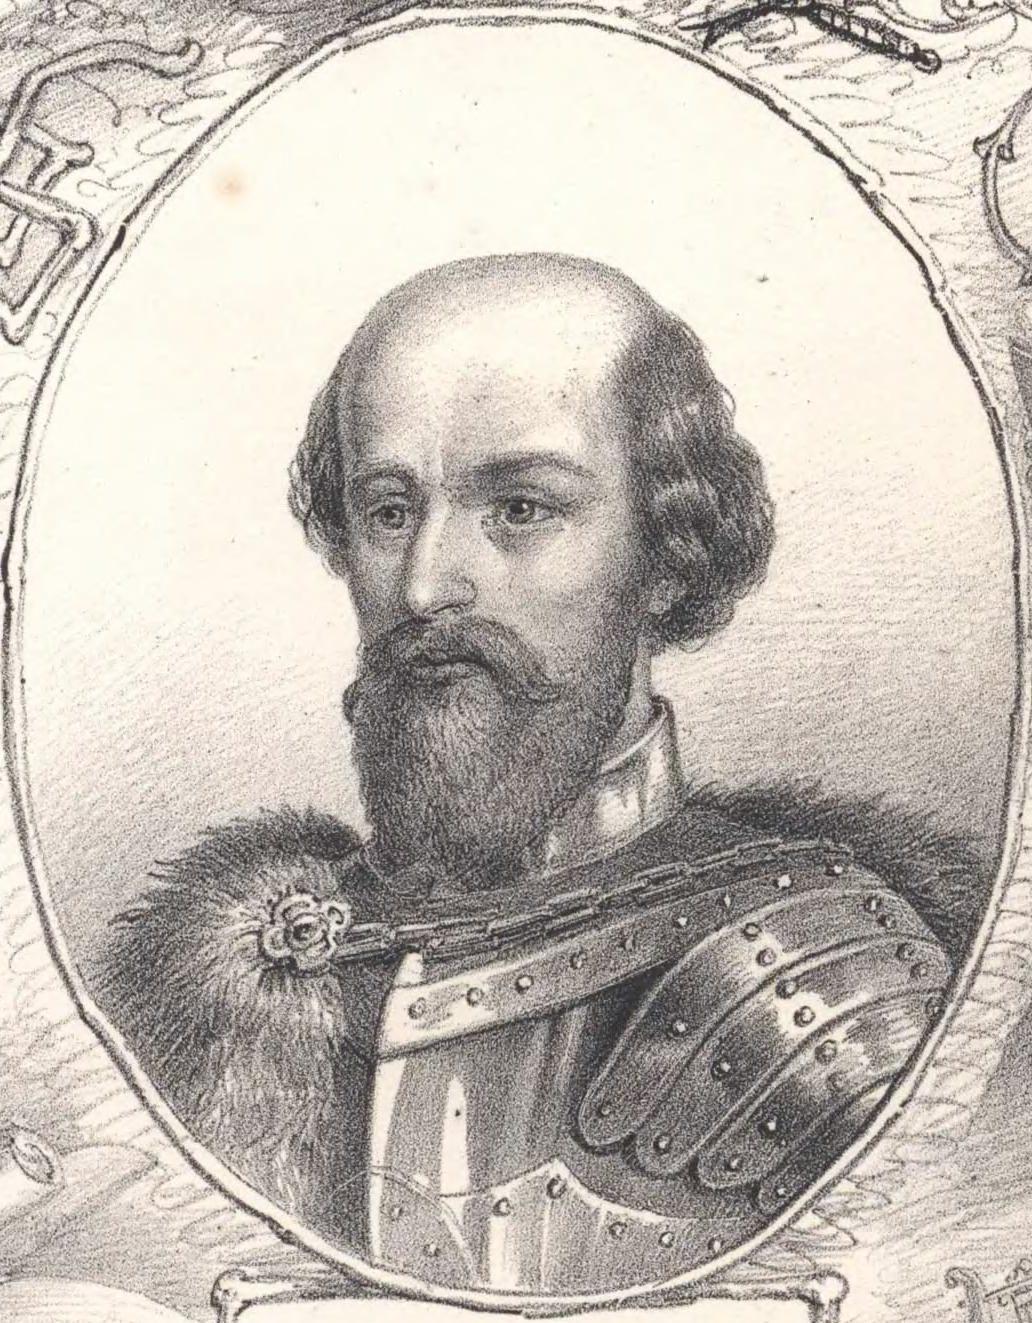 Portrét Matúša Čáka Trenčianskeho na kresbe z roku 1861